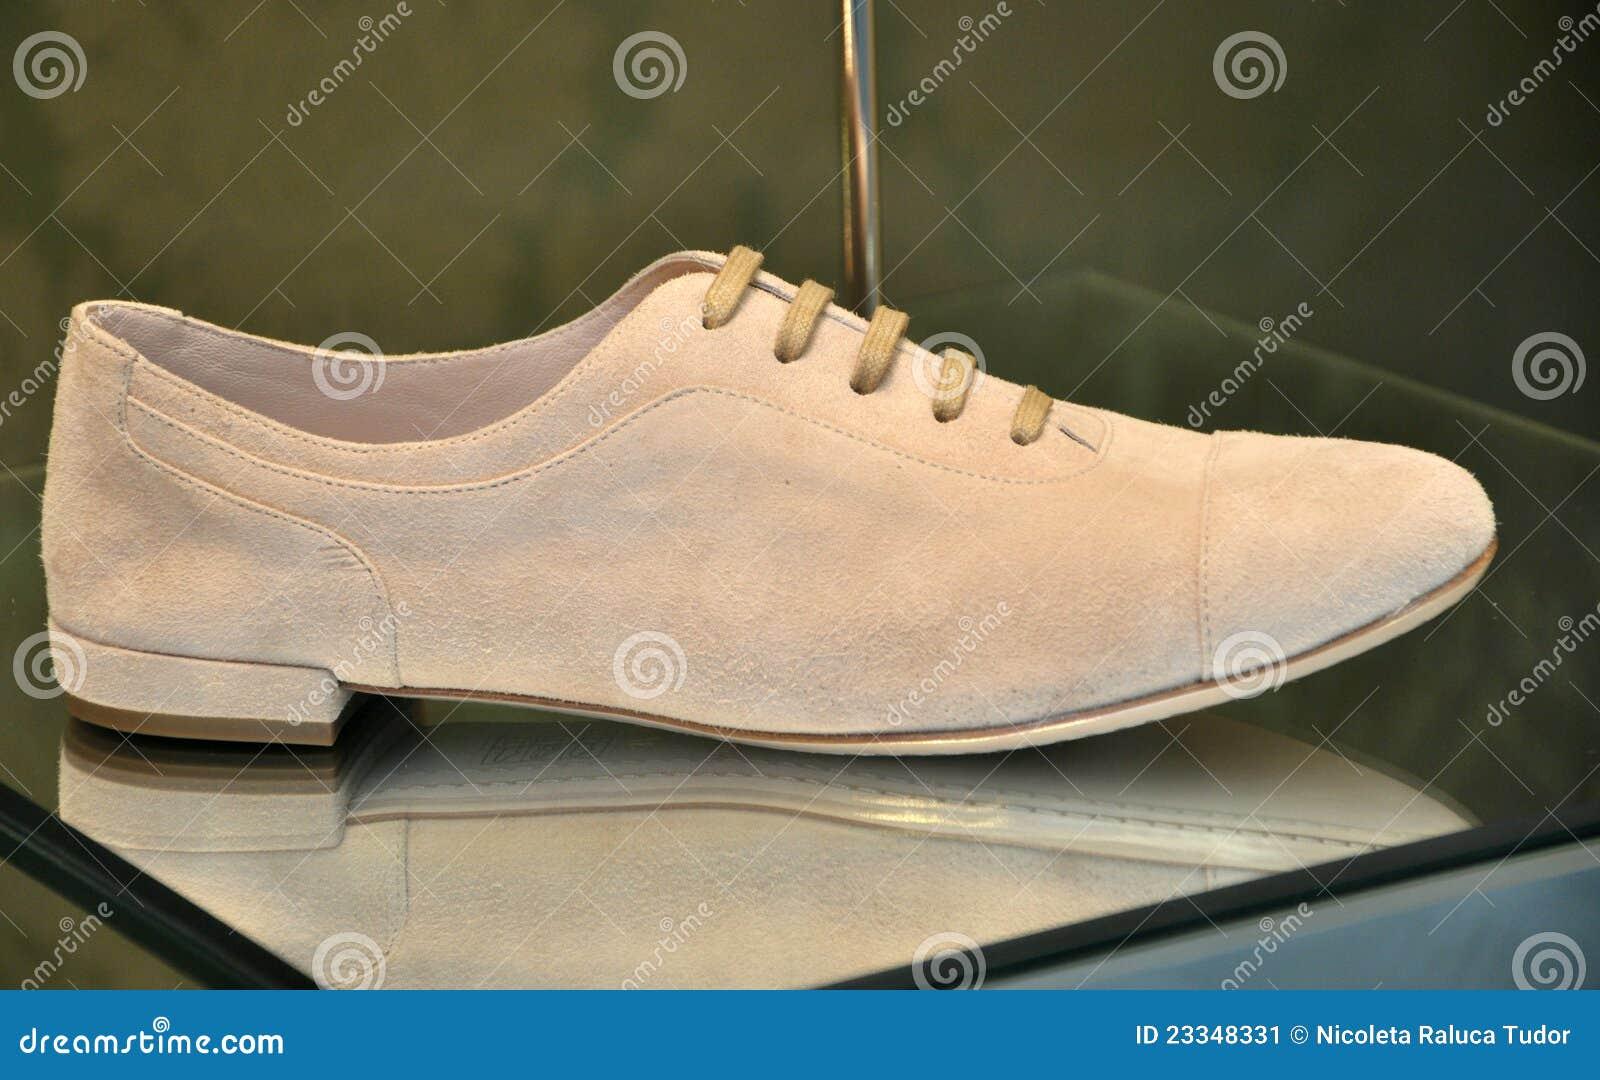 9dba4205201f ιταλικά παπούτσια πολυτέλειας μόδας Στοκ Εικόνα - εικόνα από υψηλός ...